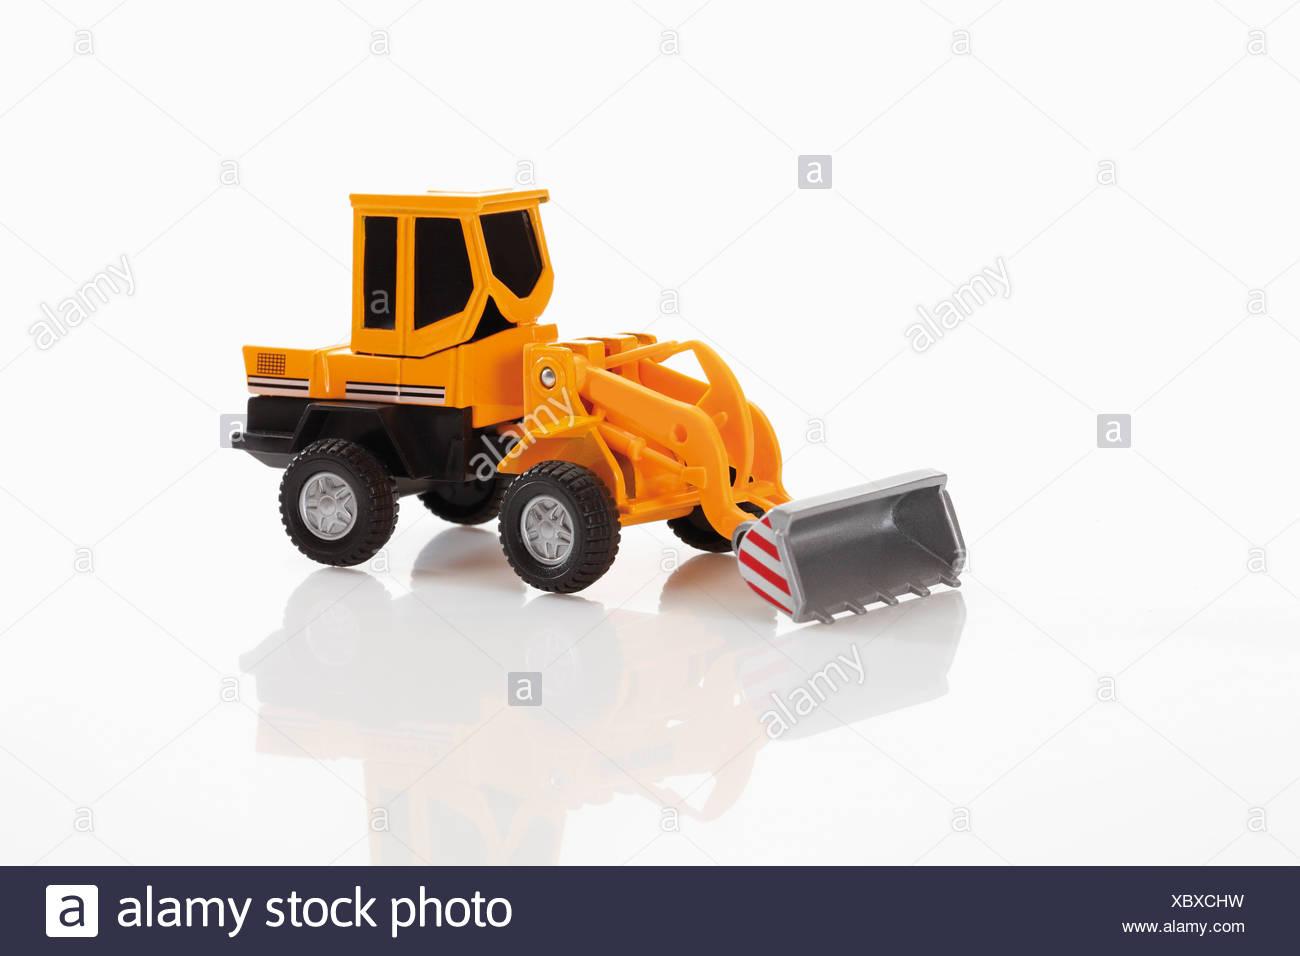 Toy bulldozer on white background - Stock Image